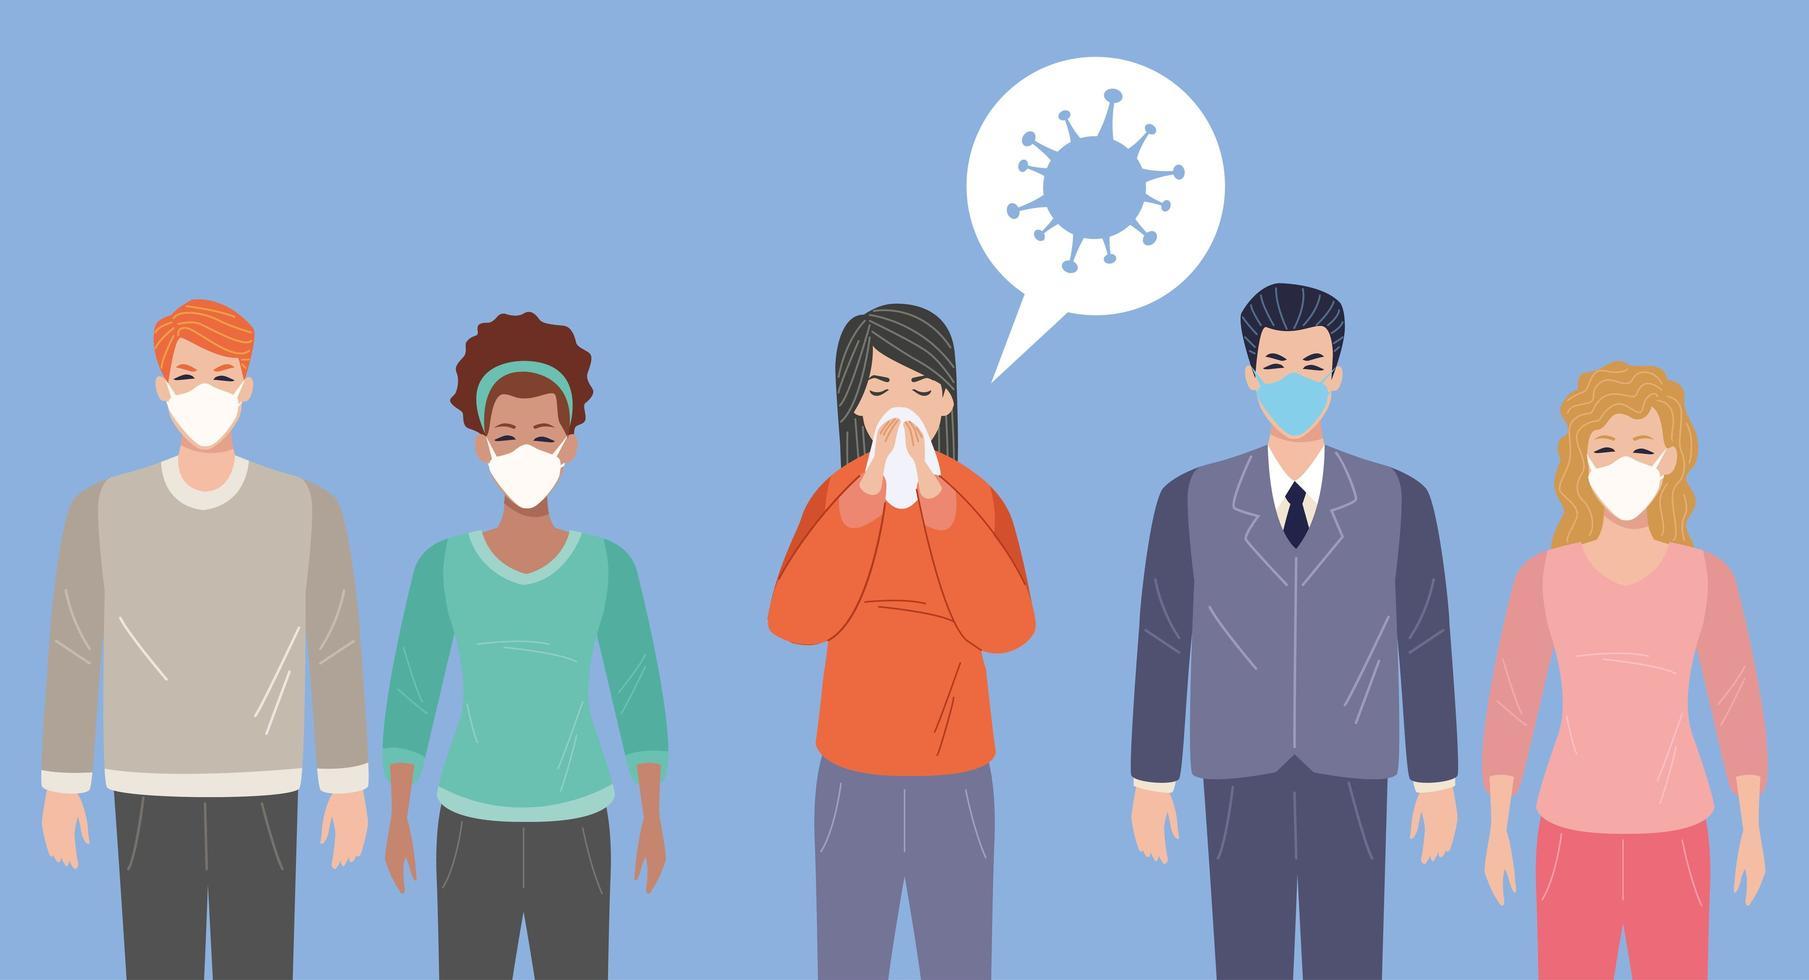 donna malata con sintomi covid 19 e altri che usano maschere facciali vettore